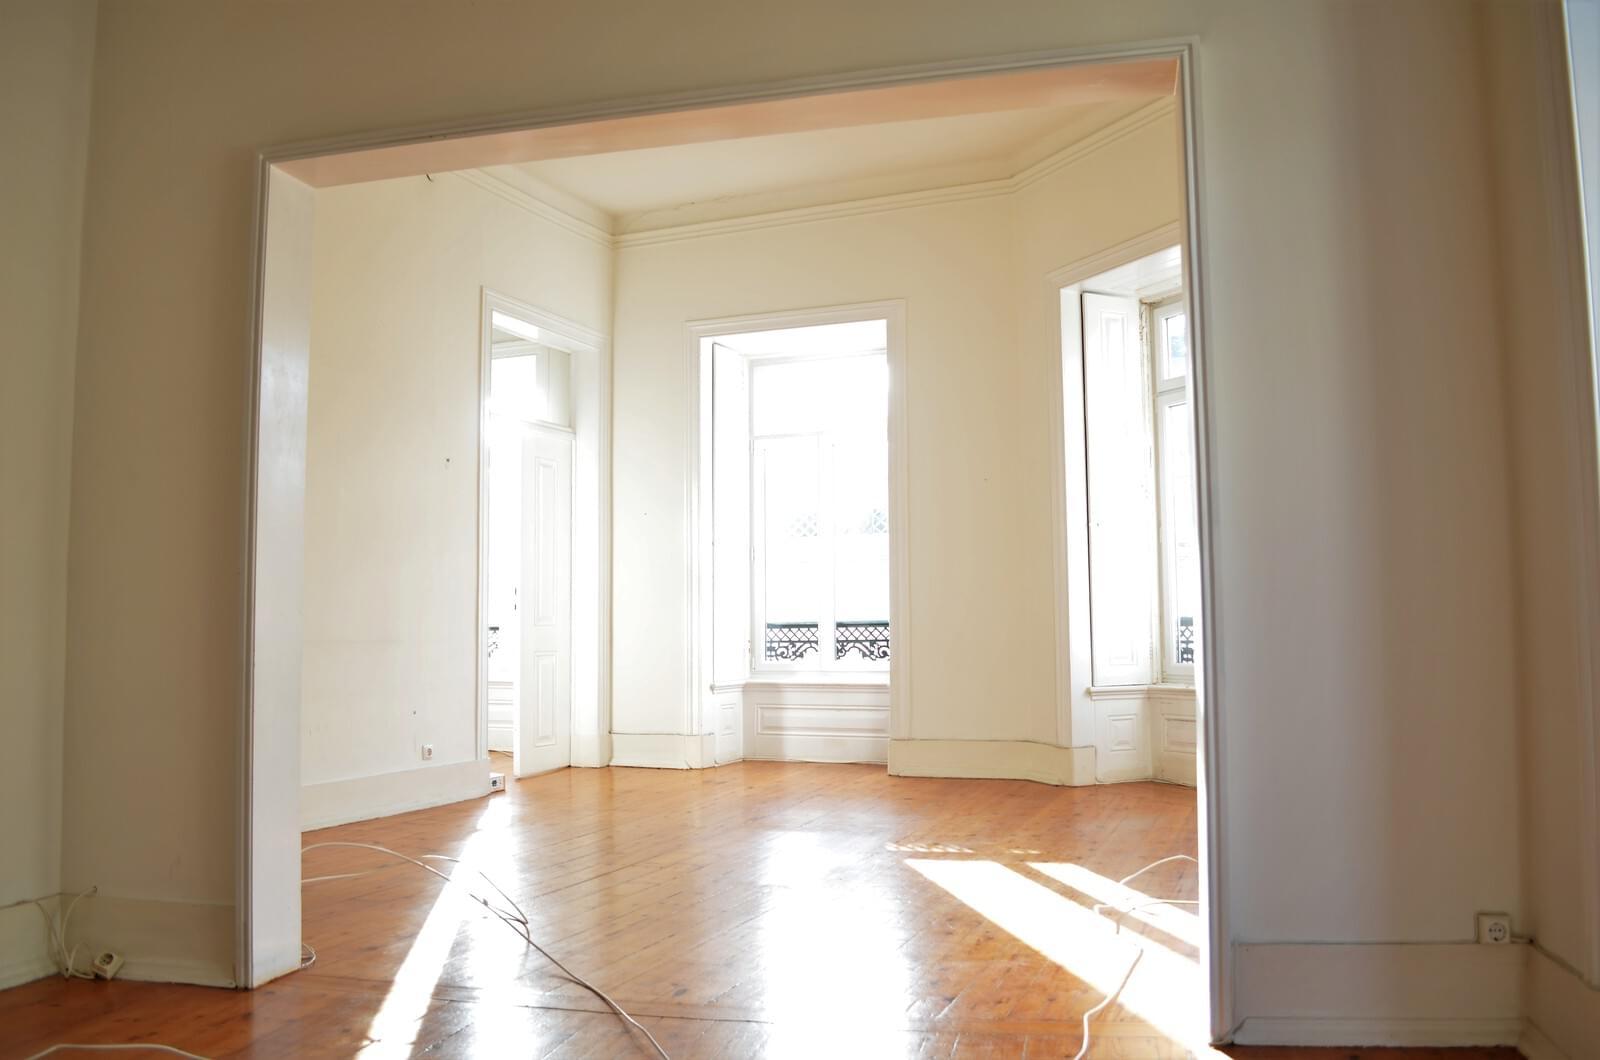 pf18621-apartamento-t4-lisboa-c4c9a316-69ab-457a-8f83-c1dbaf28d167